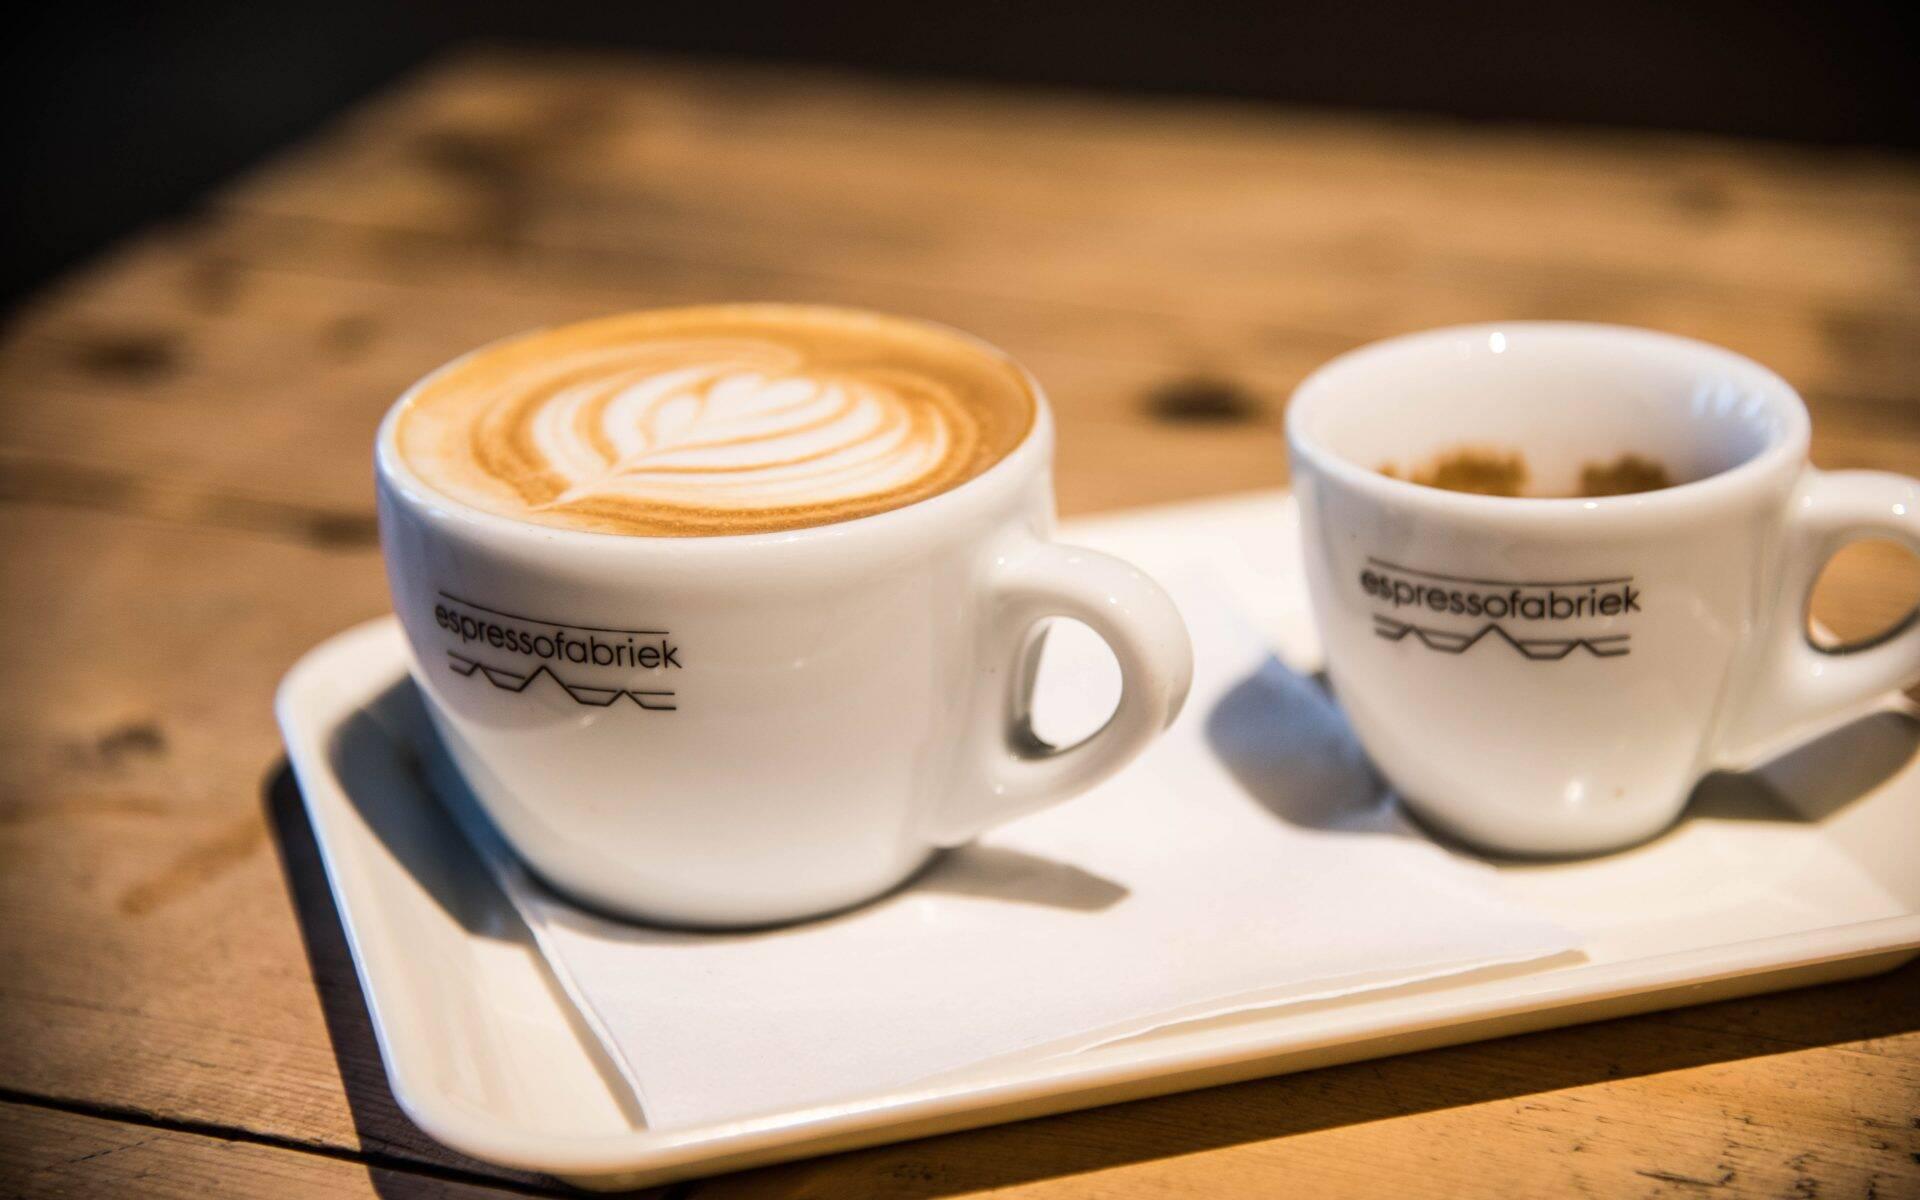 Espressofabriek Westergasfabriek